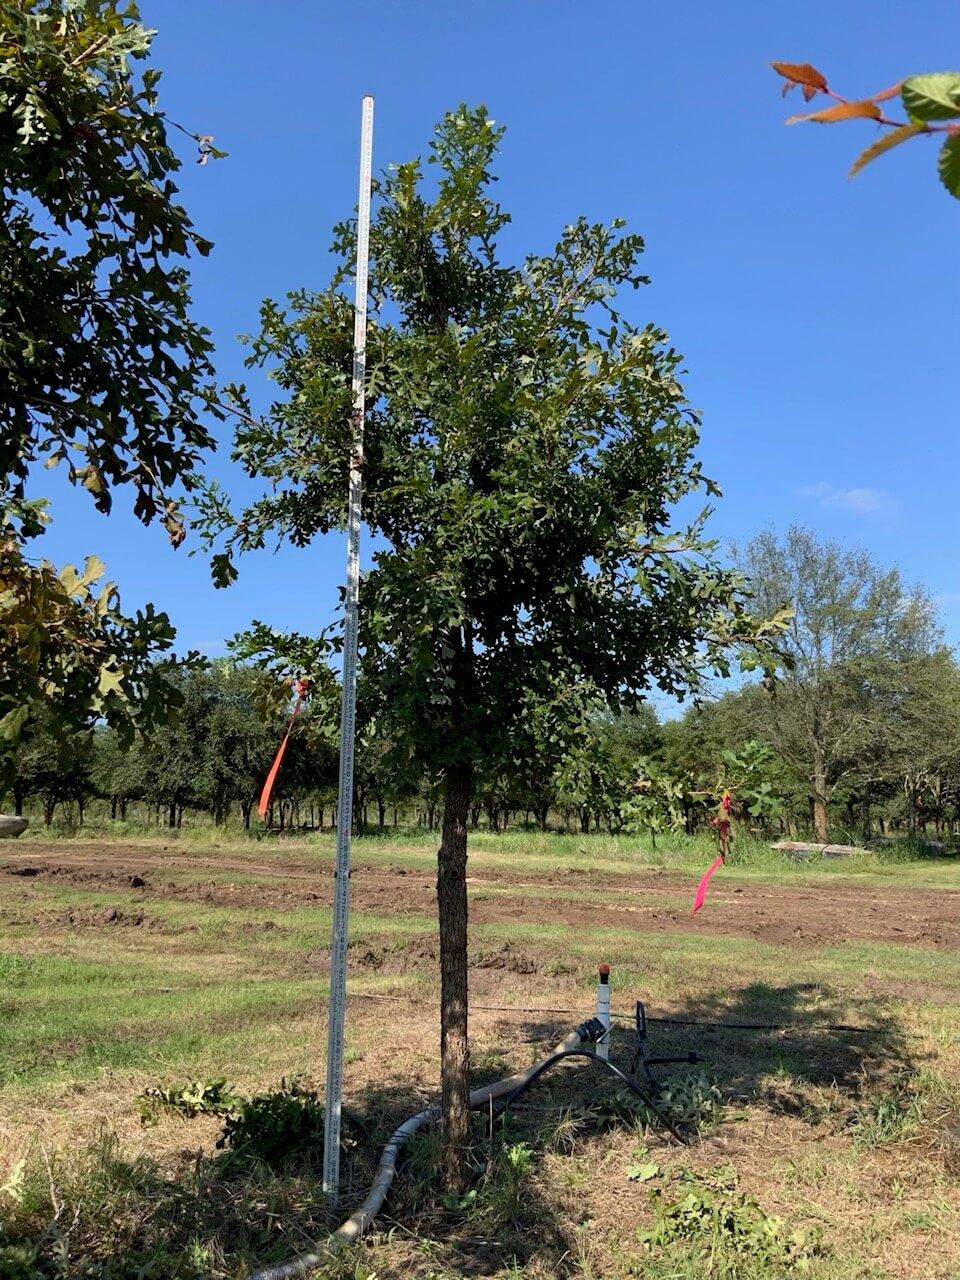 4 inch burr oak trees